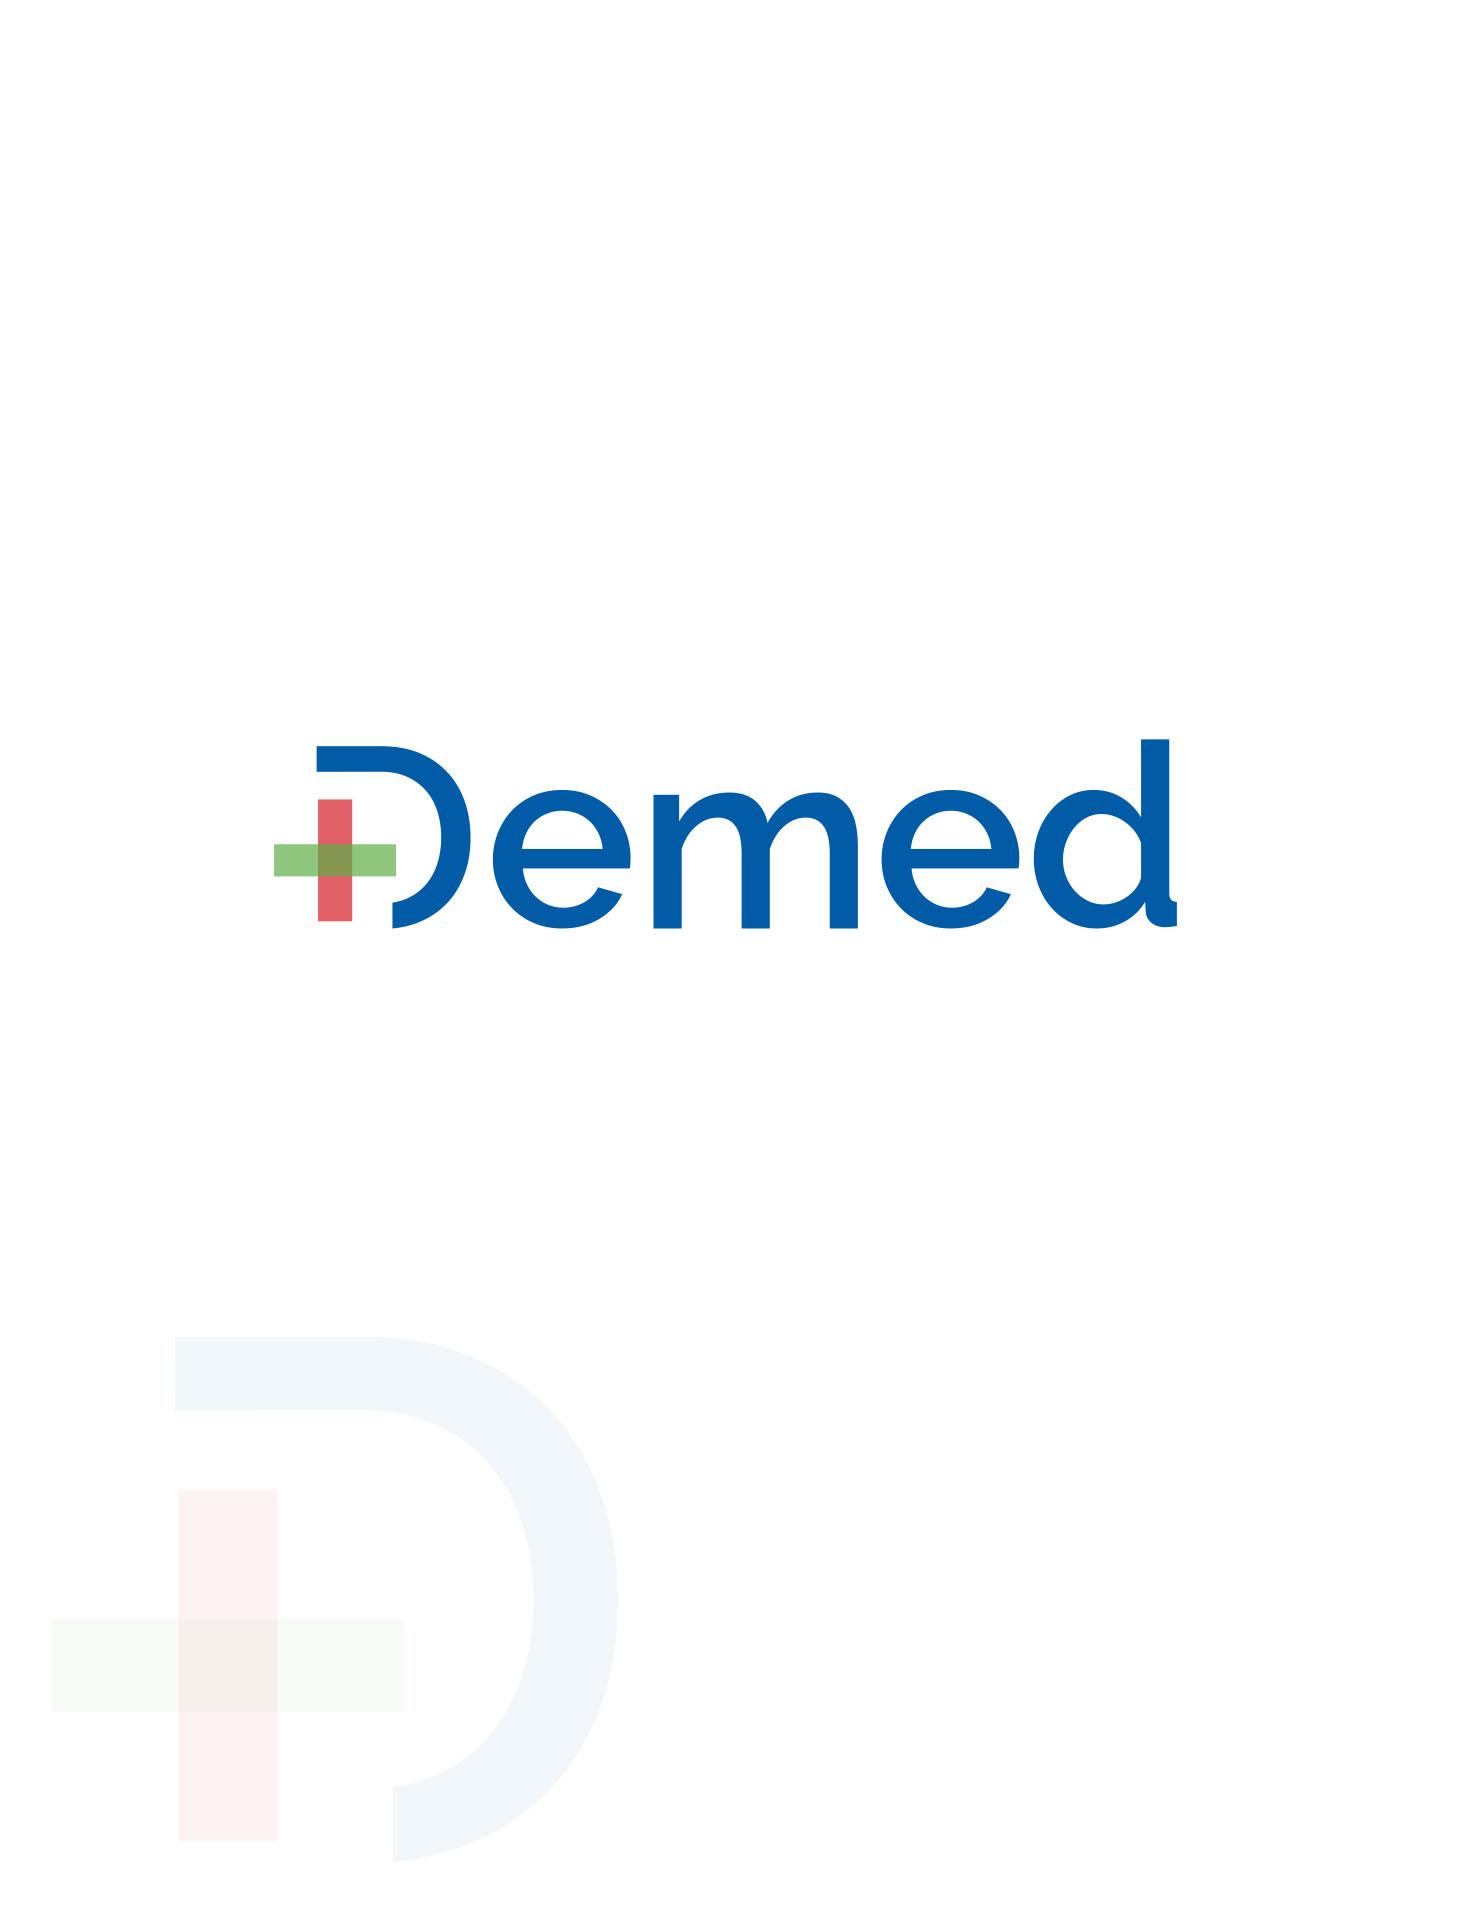 Логотип медицинского центра фото f_4605dc5140078423.jpg